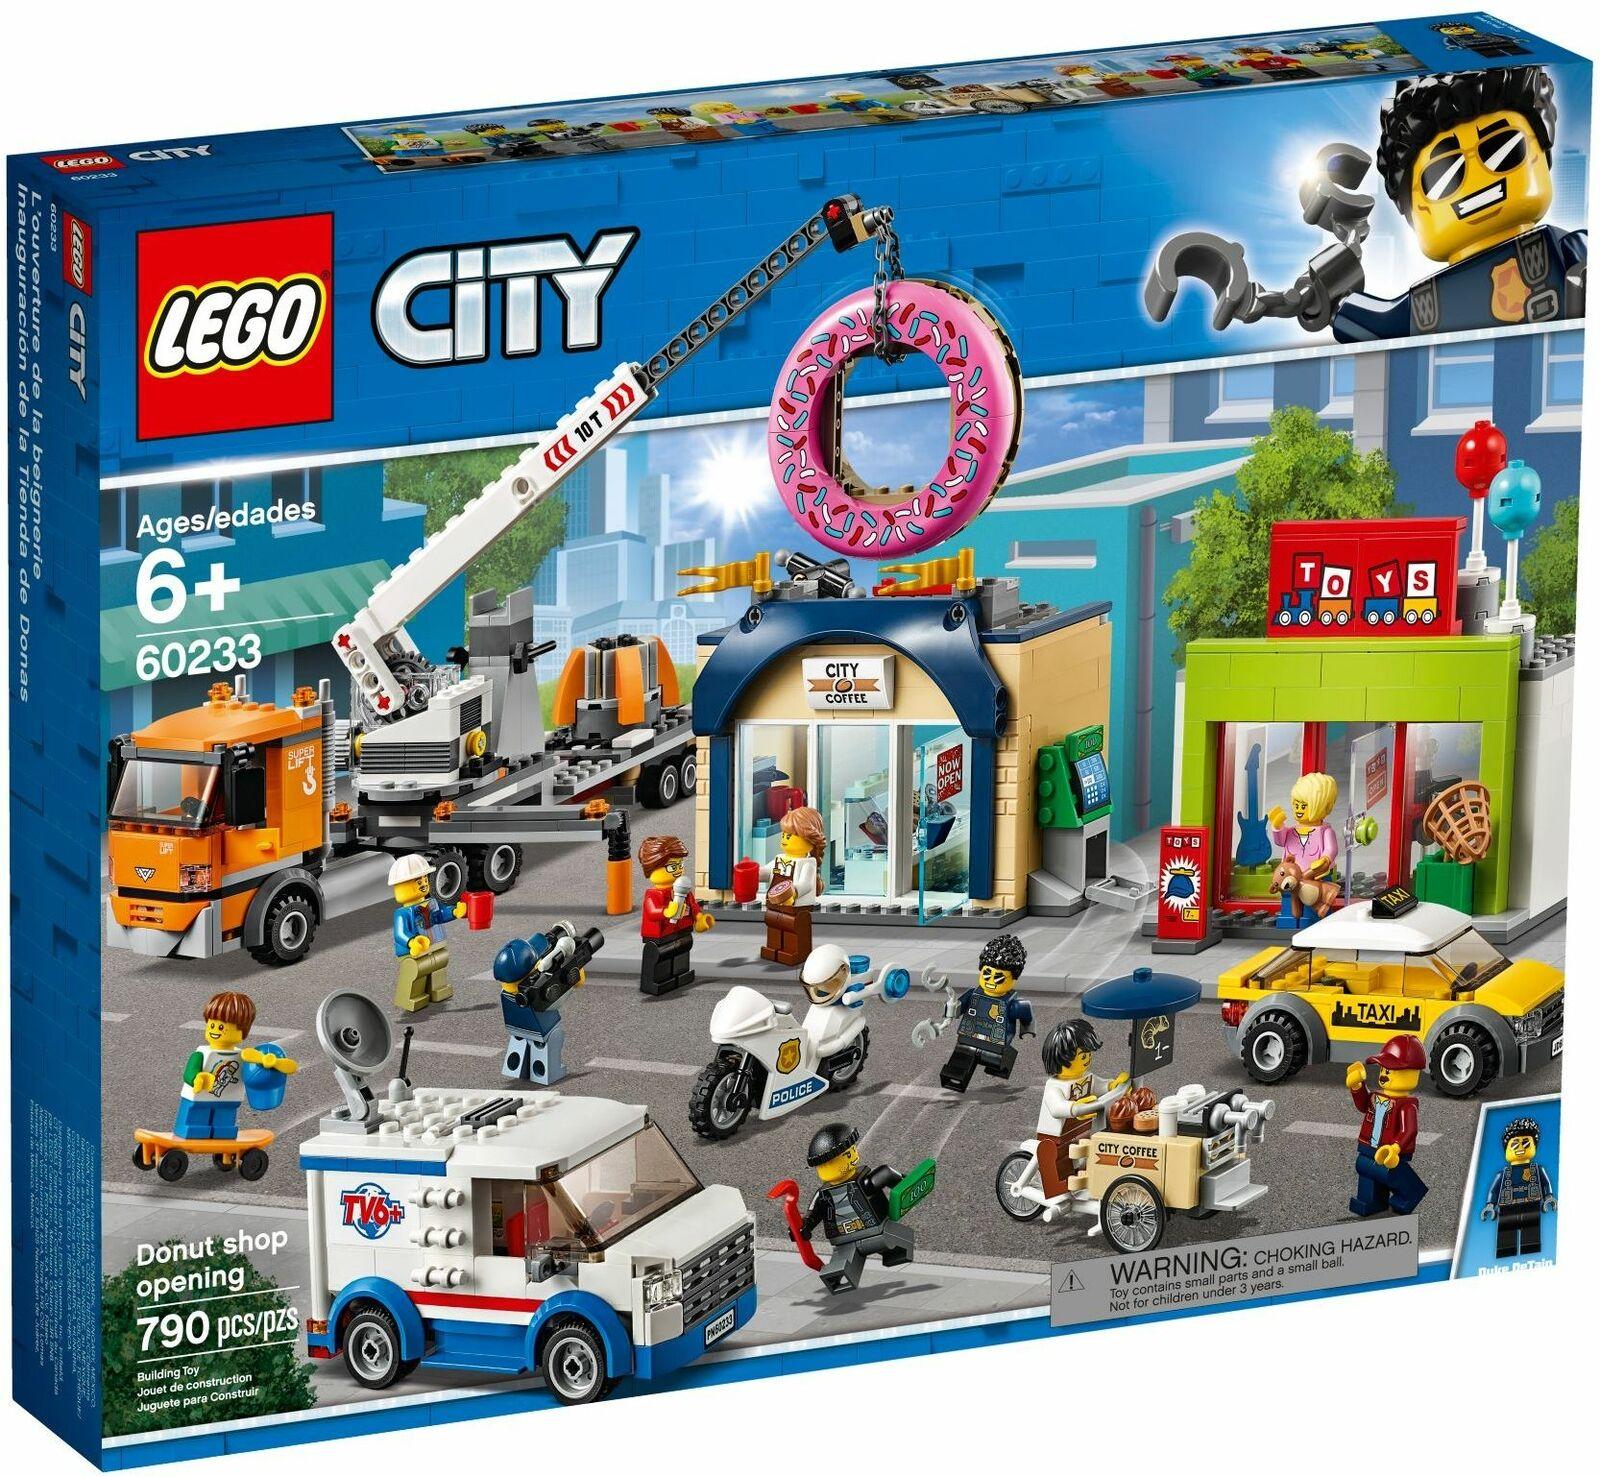 LEGO 60233 città Donut negozio Opening SEALED SET gratuito SHIPPING